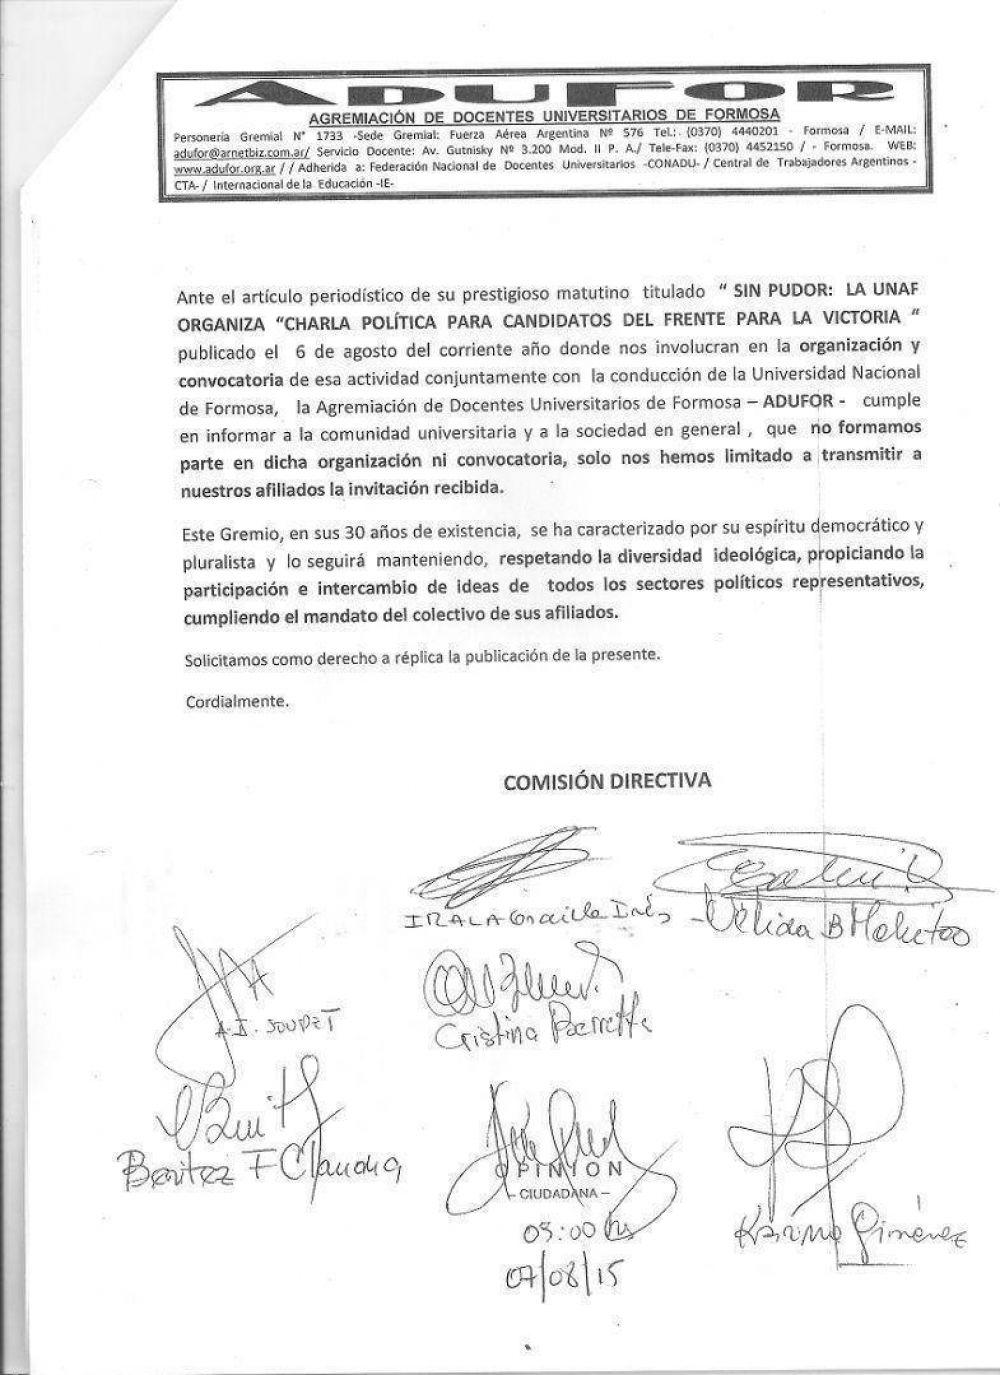 ADUFOR acusó recibo de críticas a acto político del FpV organizado por la UNaF